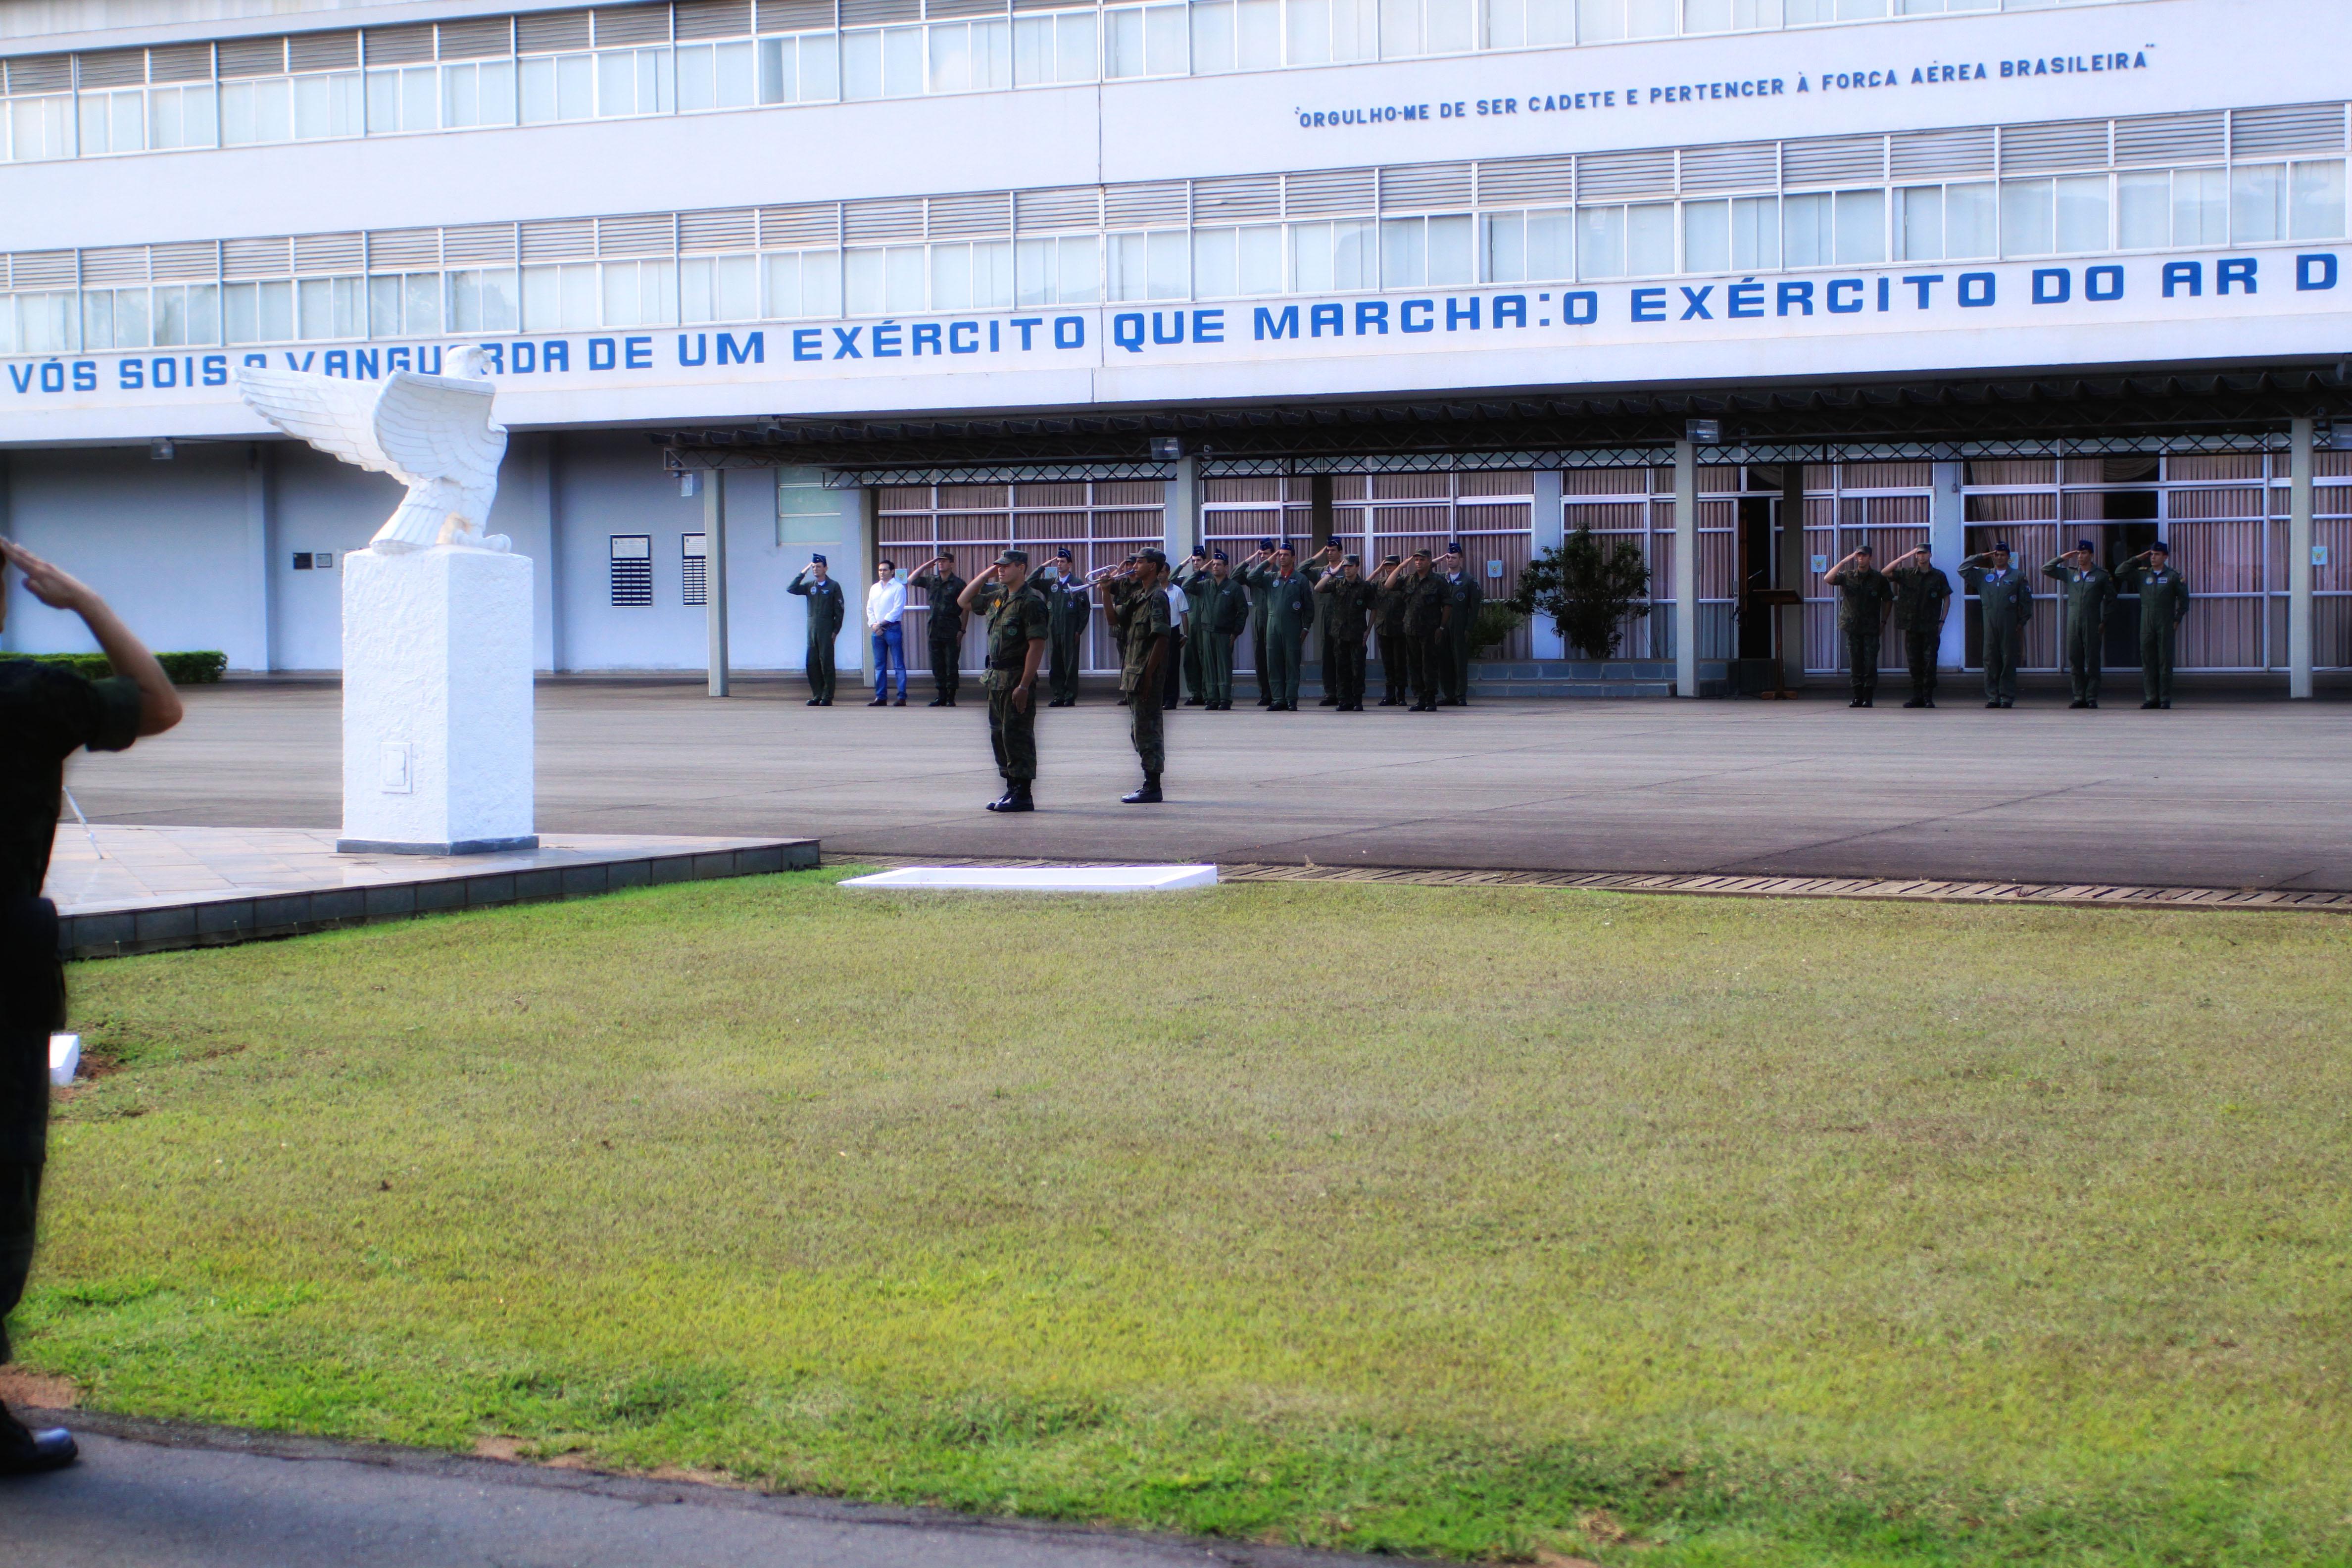 Corpo de Cadetes da AFA - Formatura de Passagem de Serviço (Parada Diária) - Honras militares ao Com